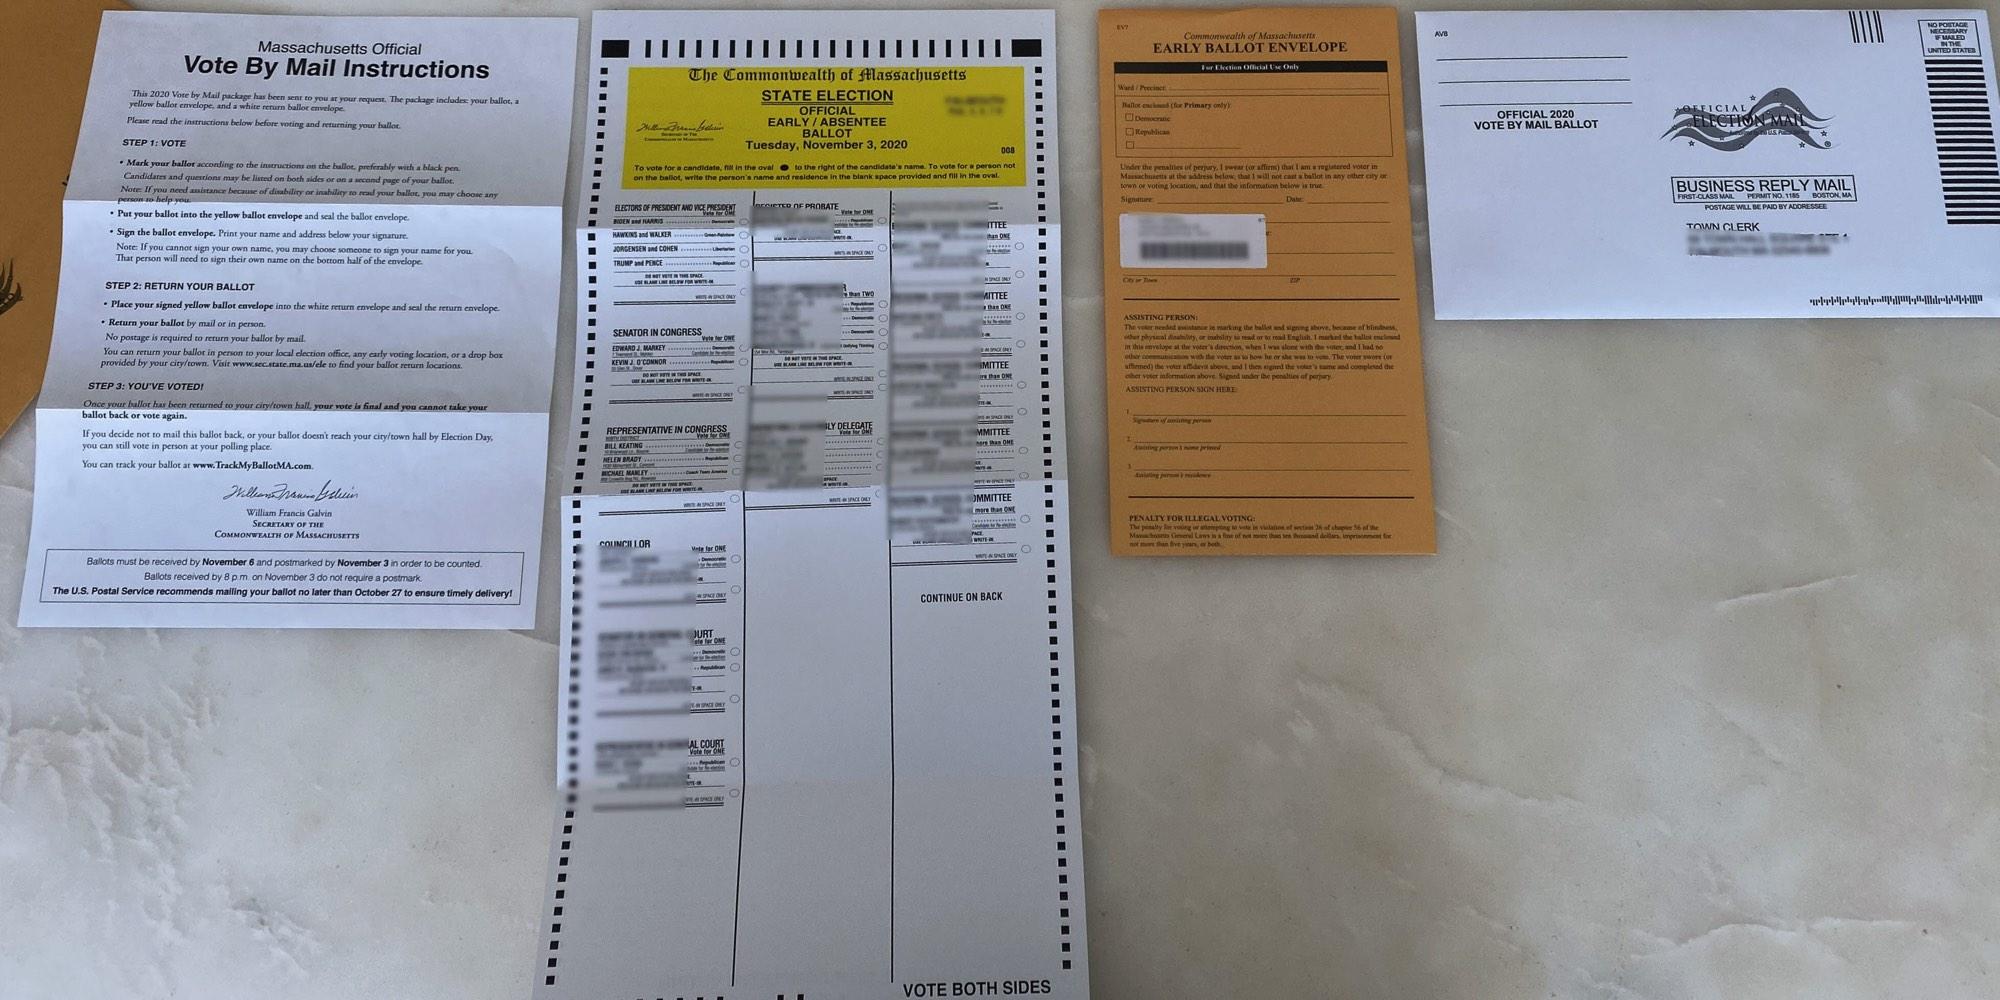 """""""邮寄投票须知""""页,一张写有候选人的长条选票表,一个马尼拉文件夹,上面有地址标签和签名,一个白色信封上写着""""致市政厅"""""""